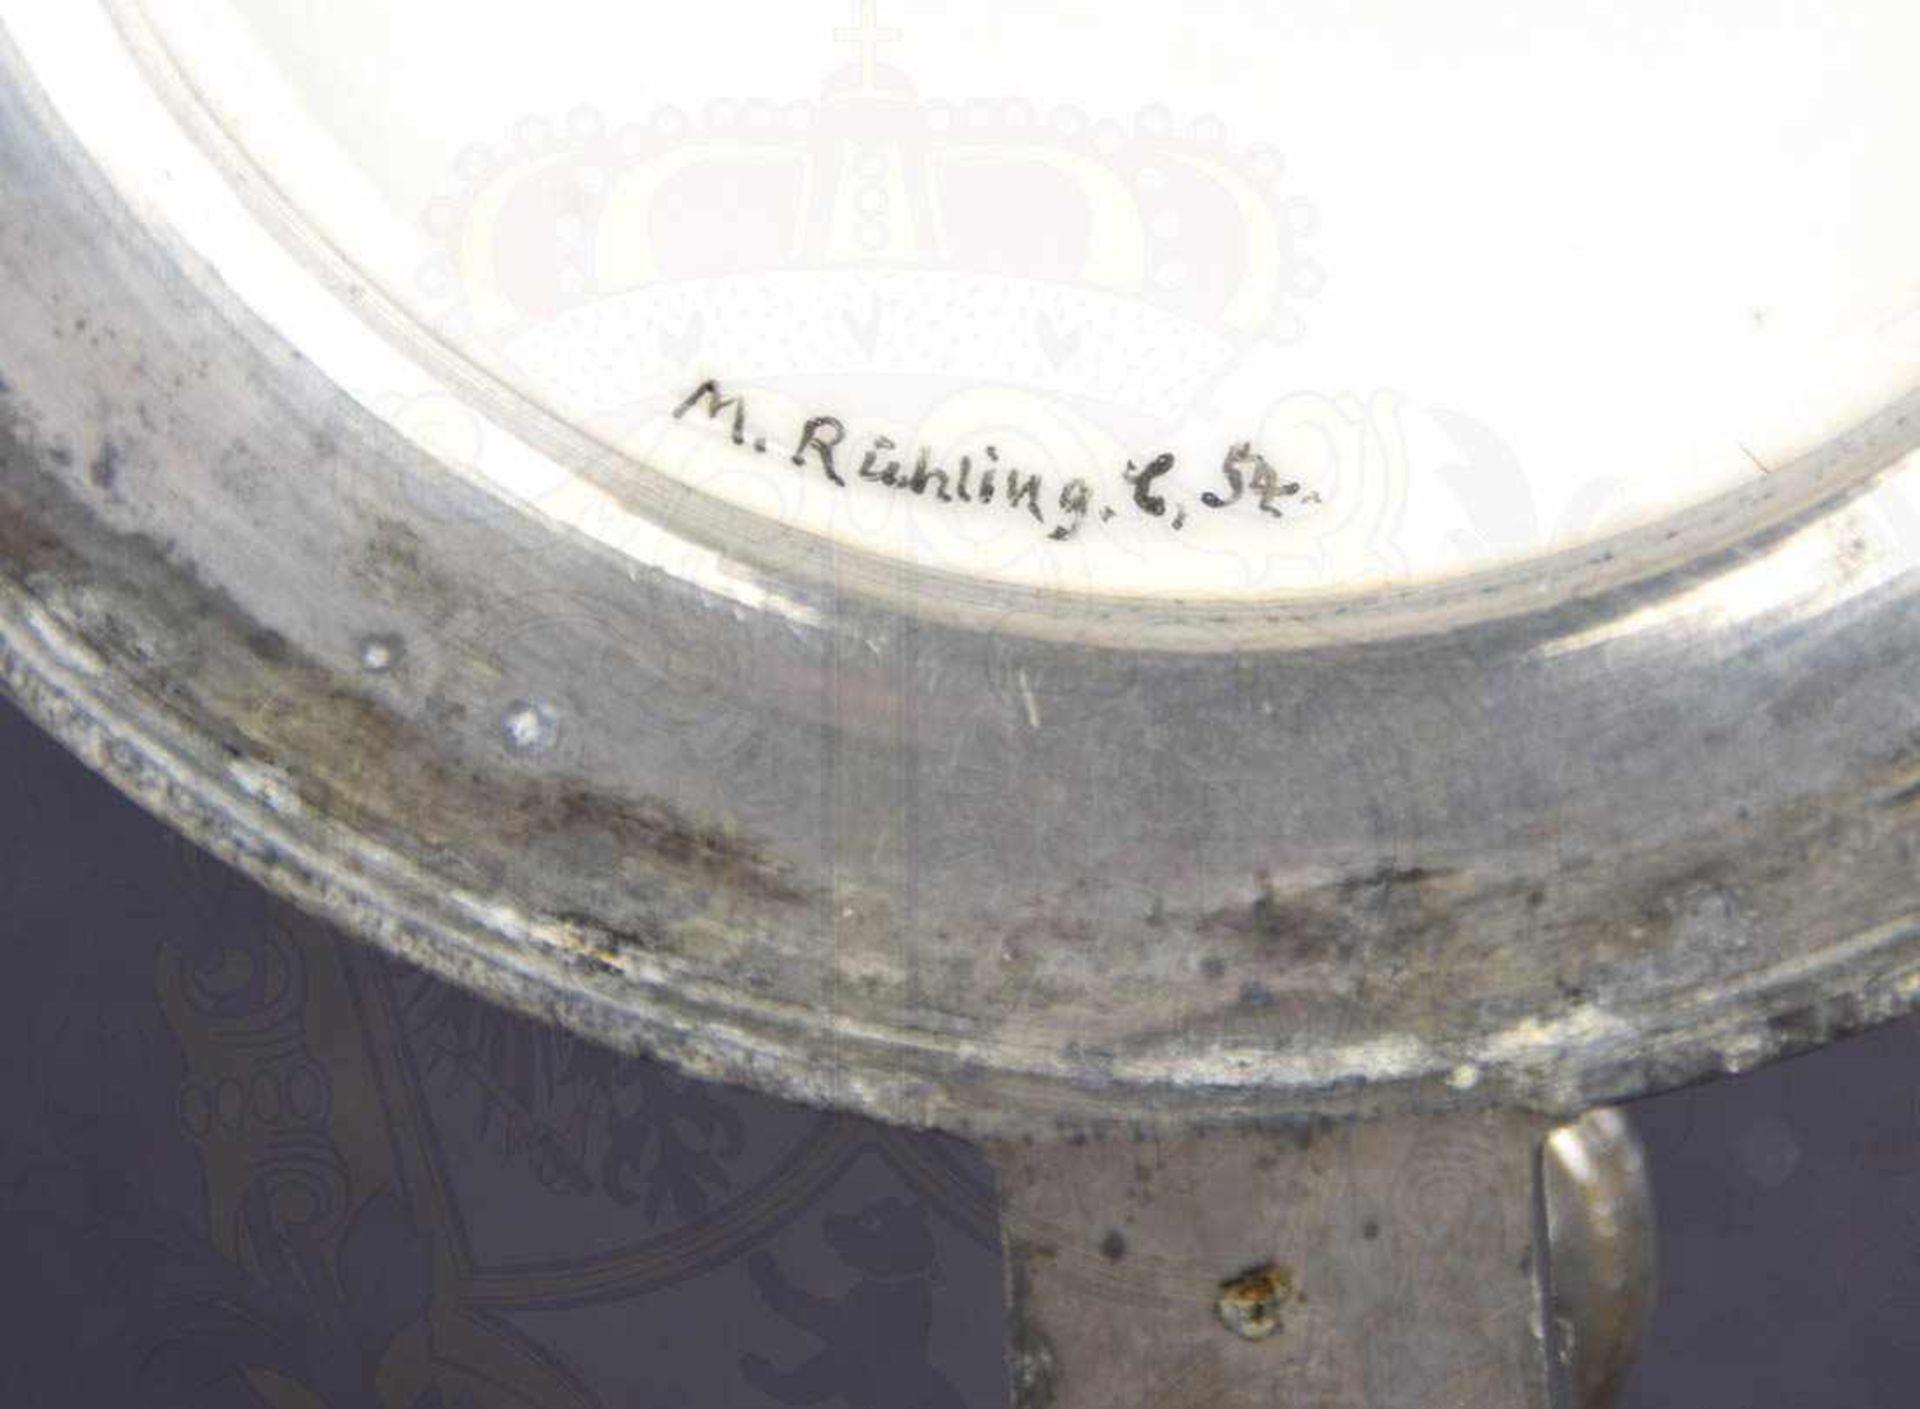 """BIERKRUG PANKGRAFENSCHAFT BERLIN, 1/4 L., Glas mit 2 Reihen """"Bullaugen"""", Boden m. Symbol einer - Bild 3 aus 3"""